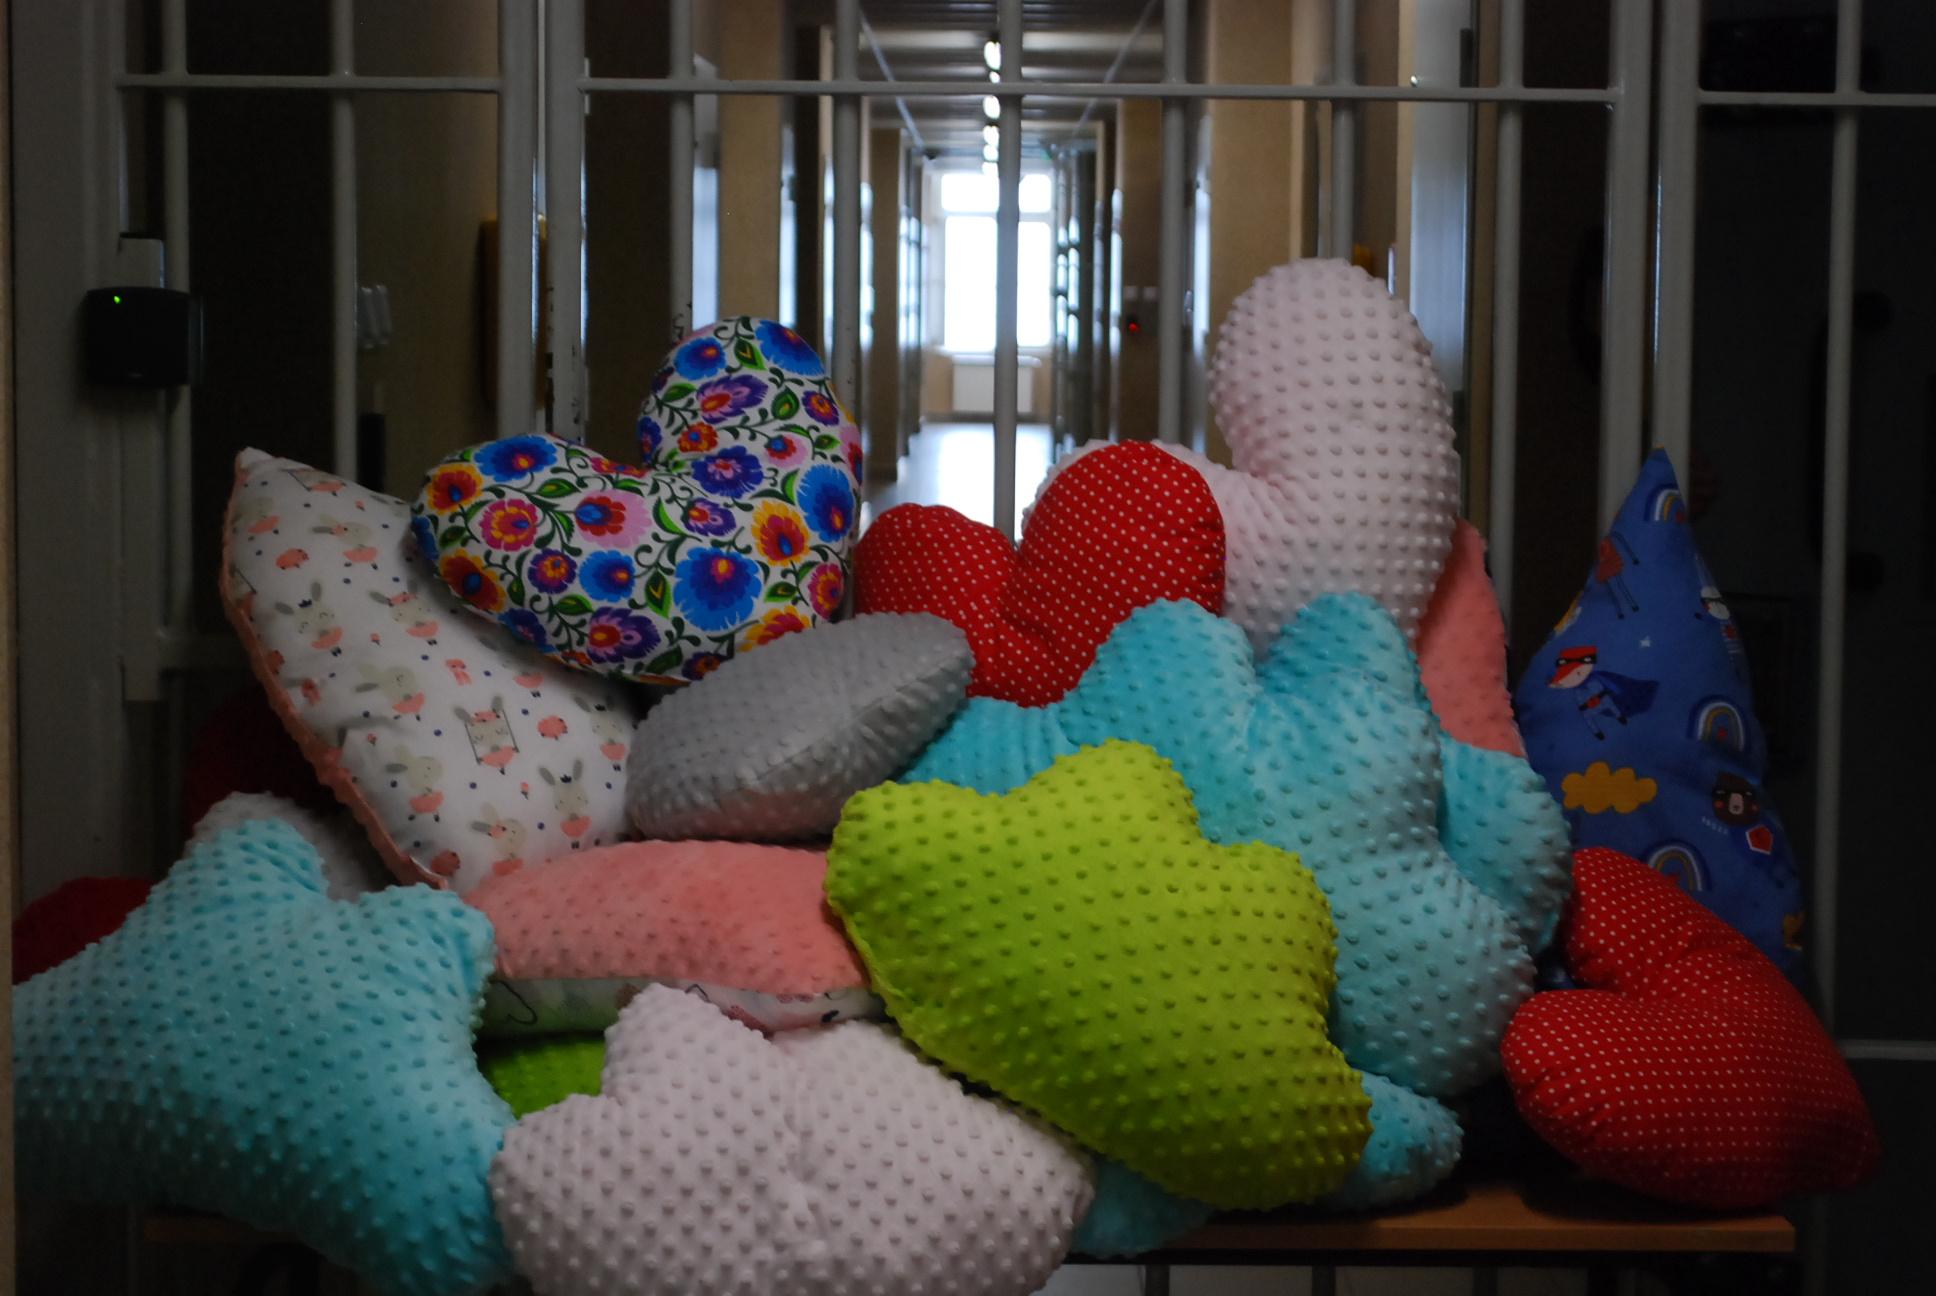 Województwo lubelskie: Więźniowie pomagają dzieciom. Przygotowują m.in. zabawki na licytację - Zdjęcie główne